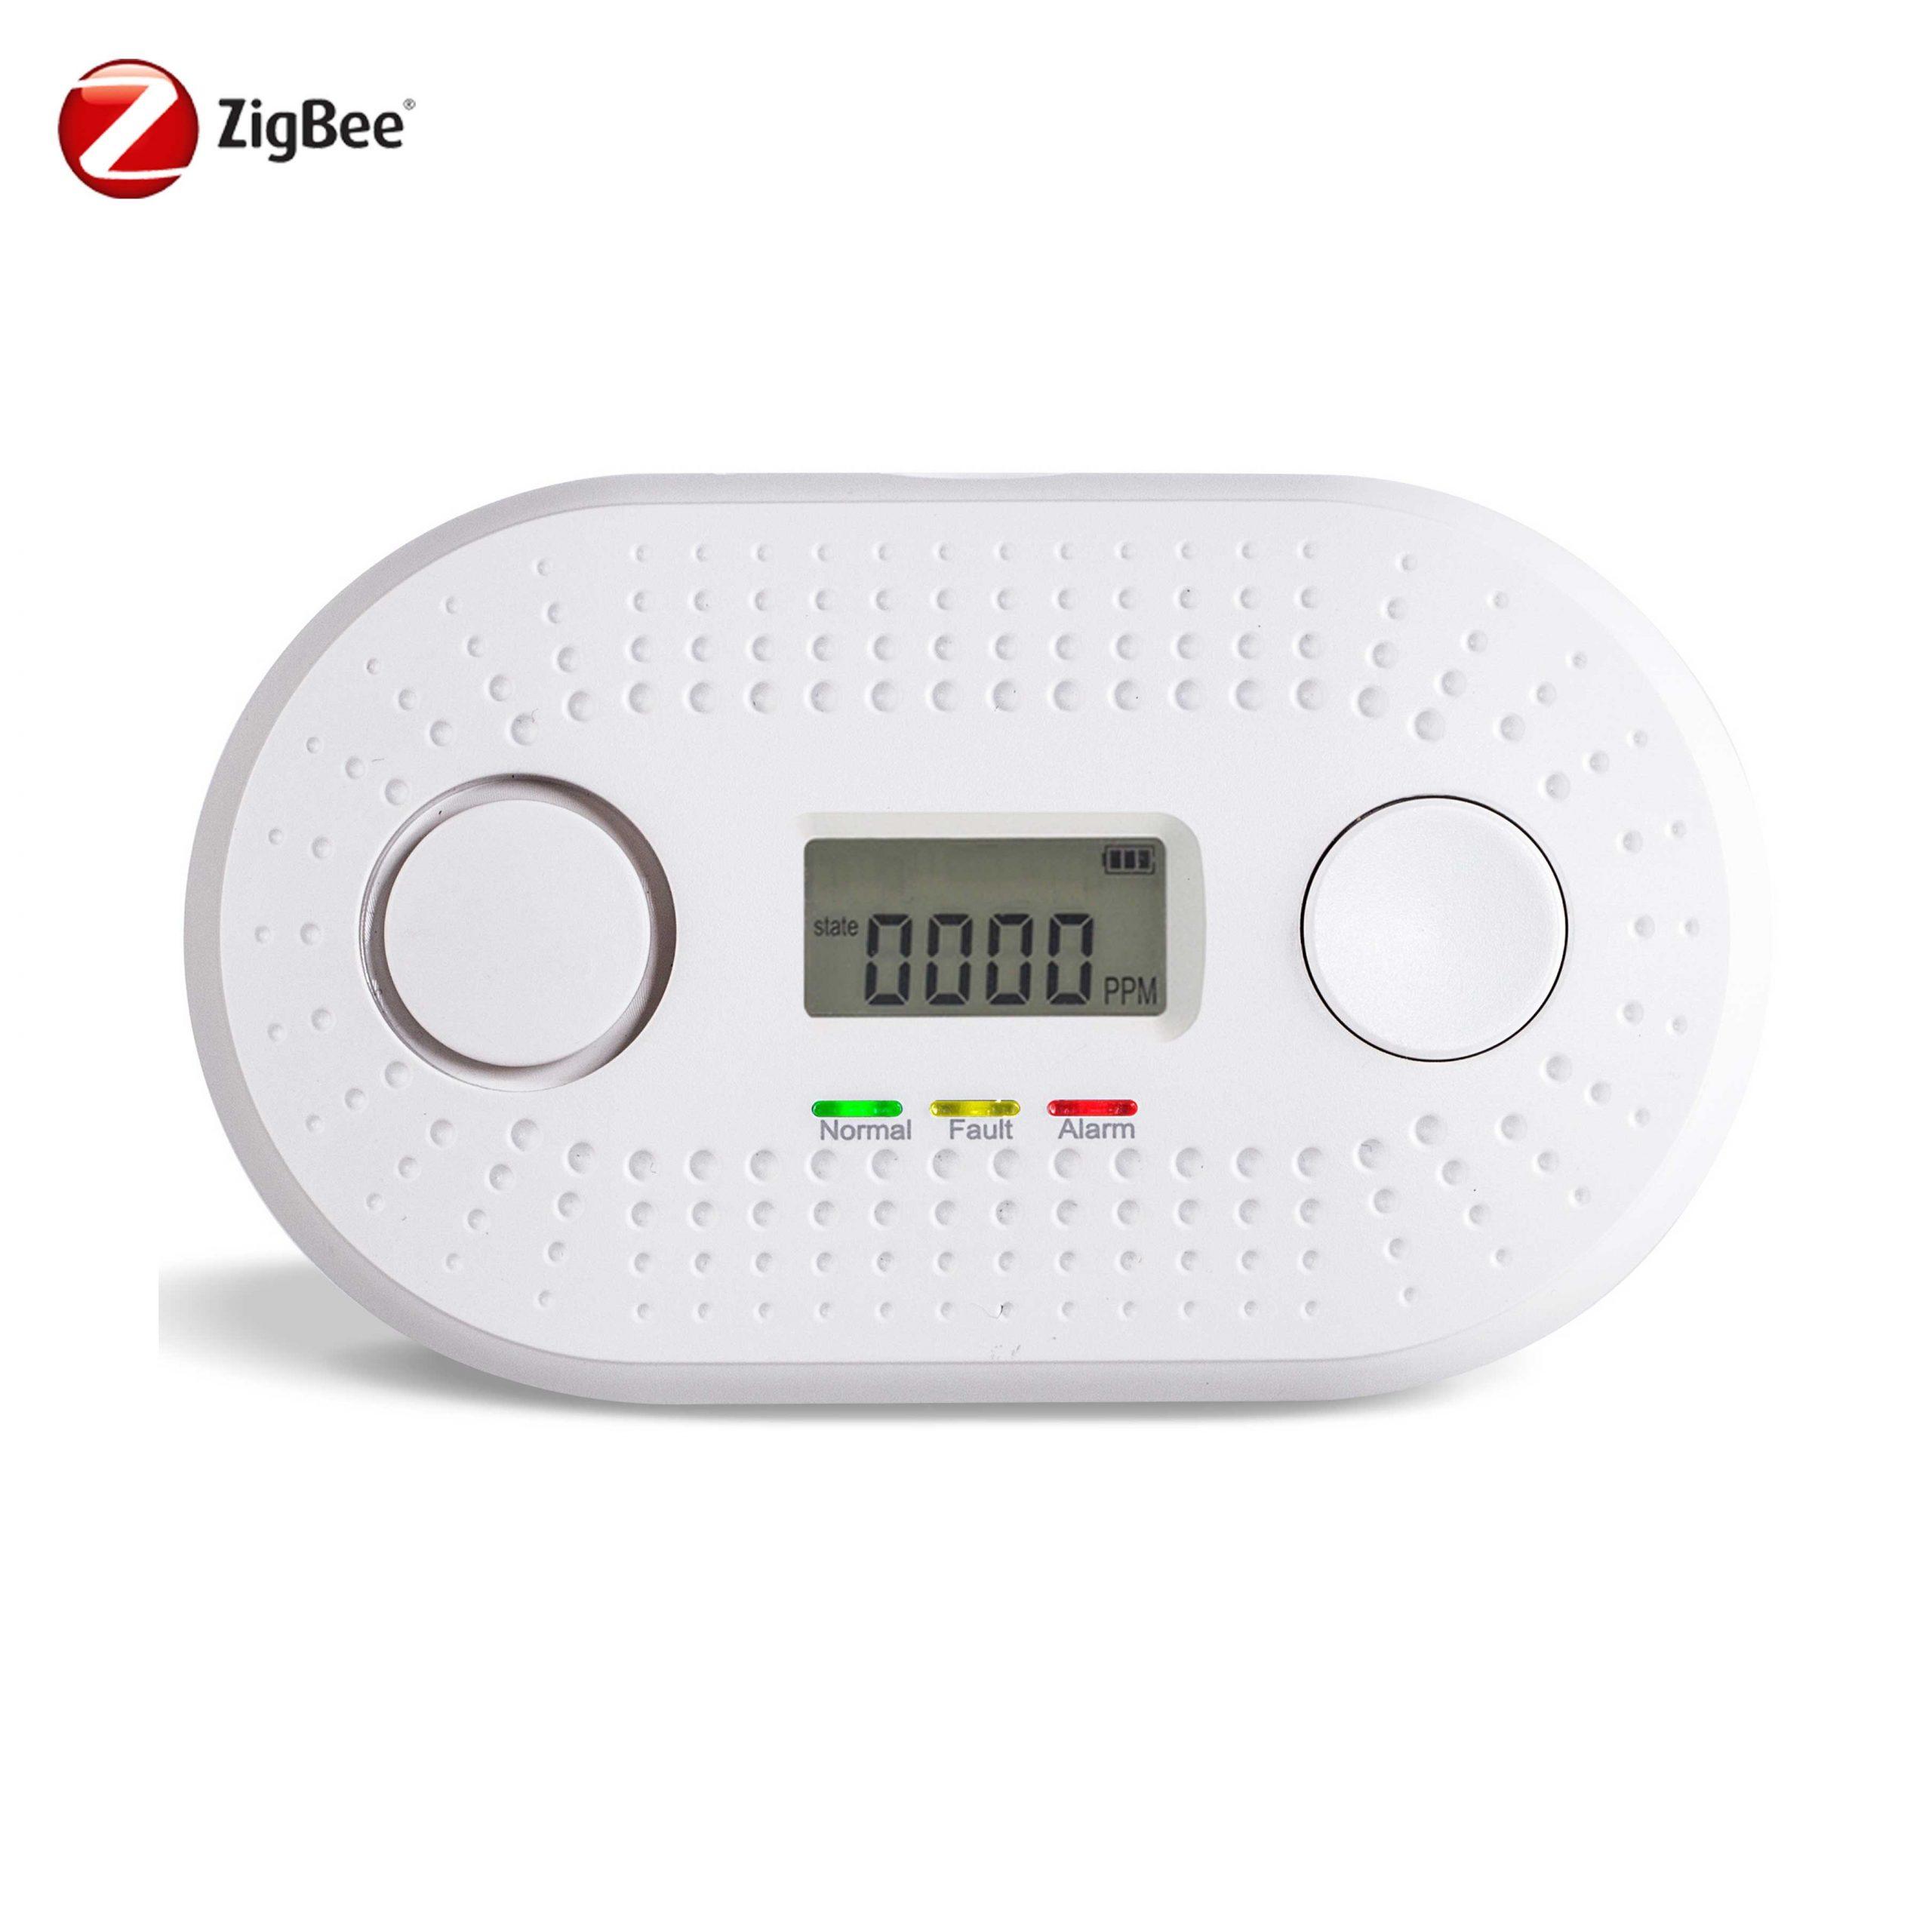 Zigbee carbon monoxide alarm